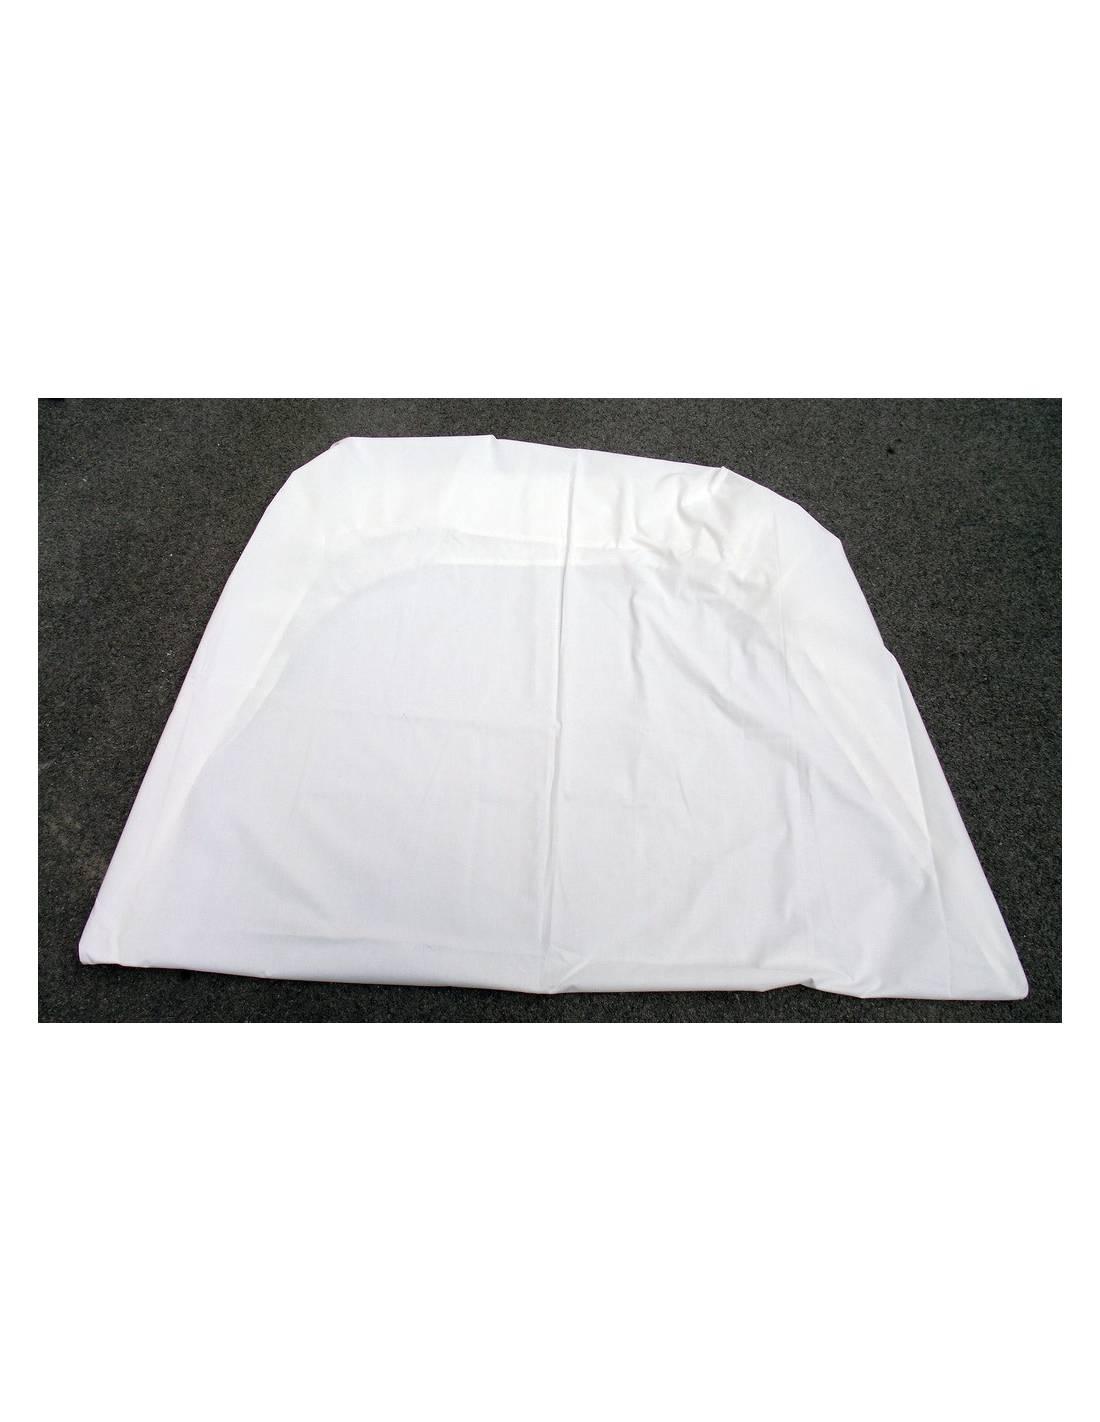 Drap housse blanc pour lit 90cm stock am ricain for Drap housse 140 90 pour lit evolutif